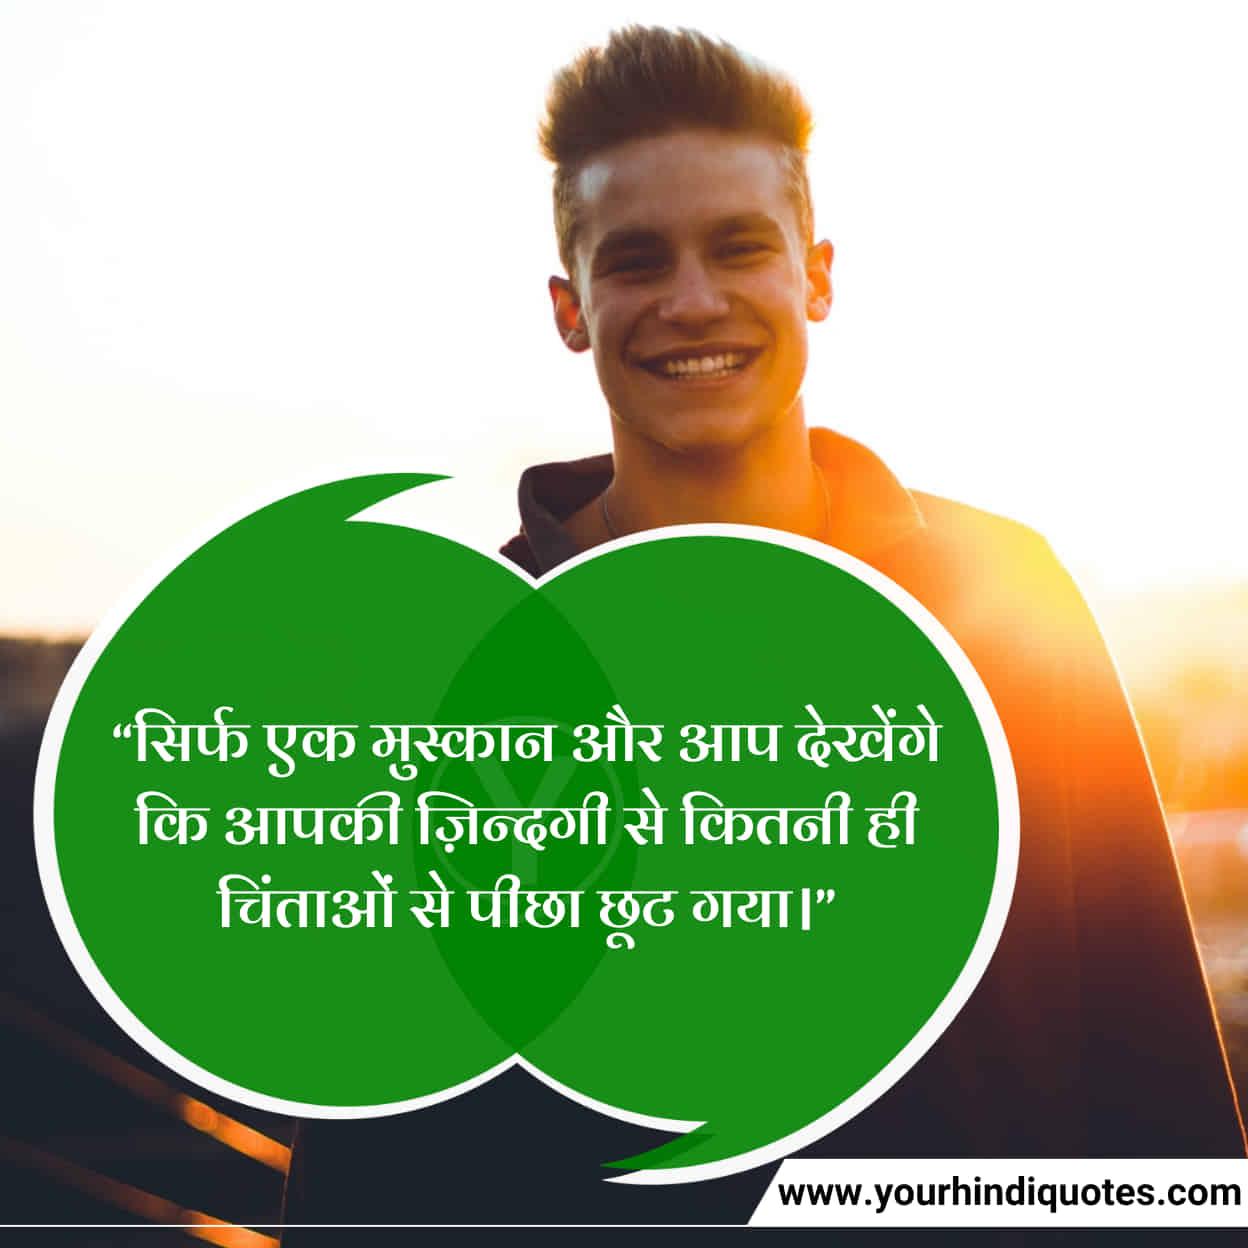 Latest Happy Smile Quotes